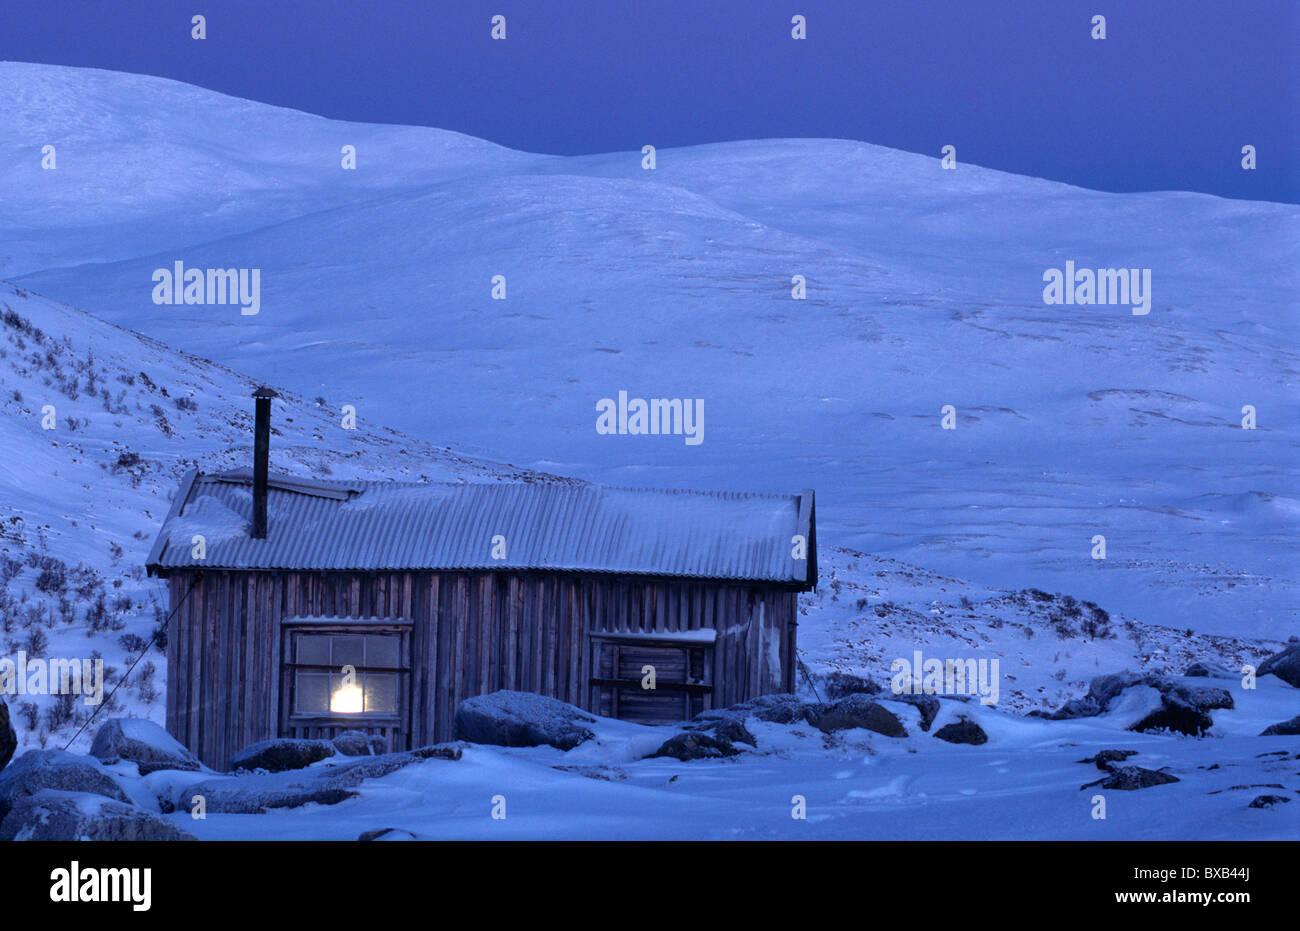 Remote log cabin at dusk - Stock Image